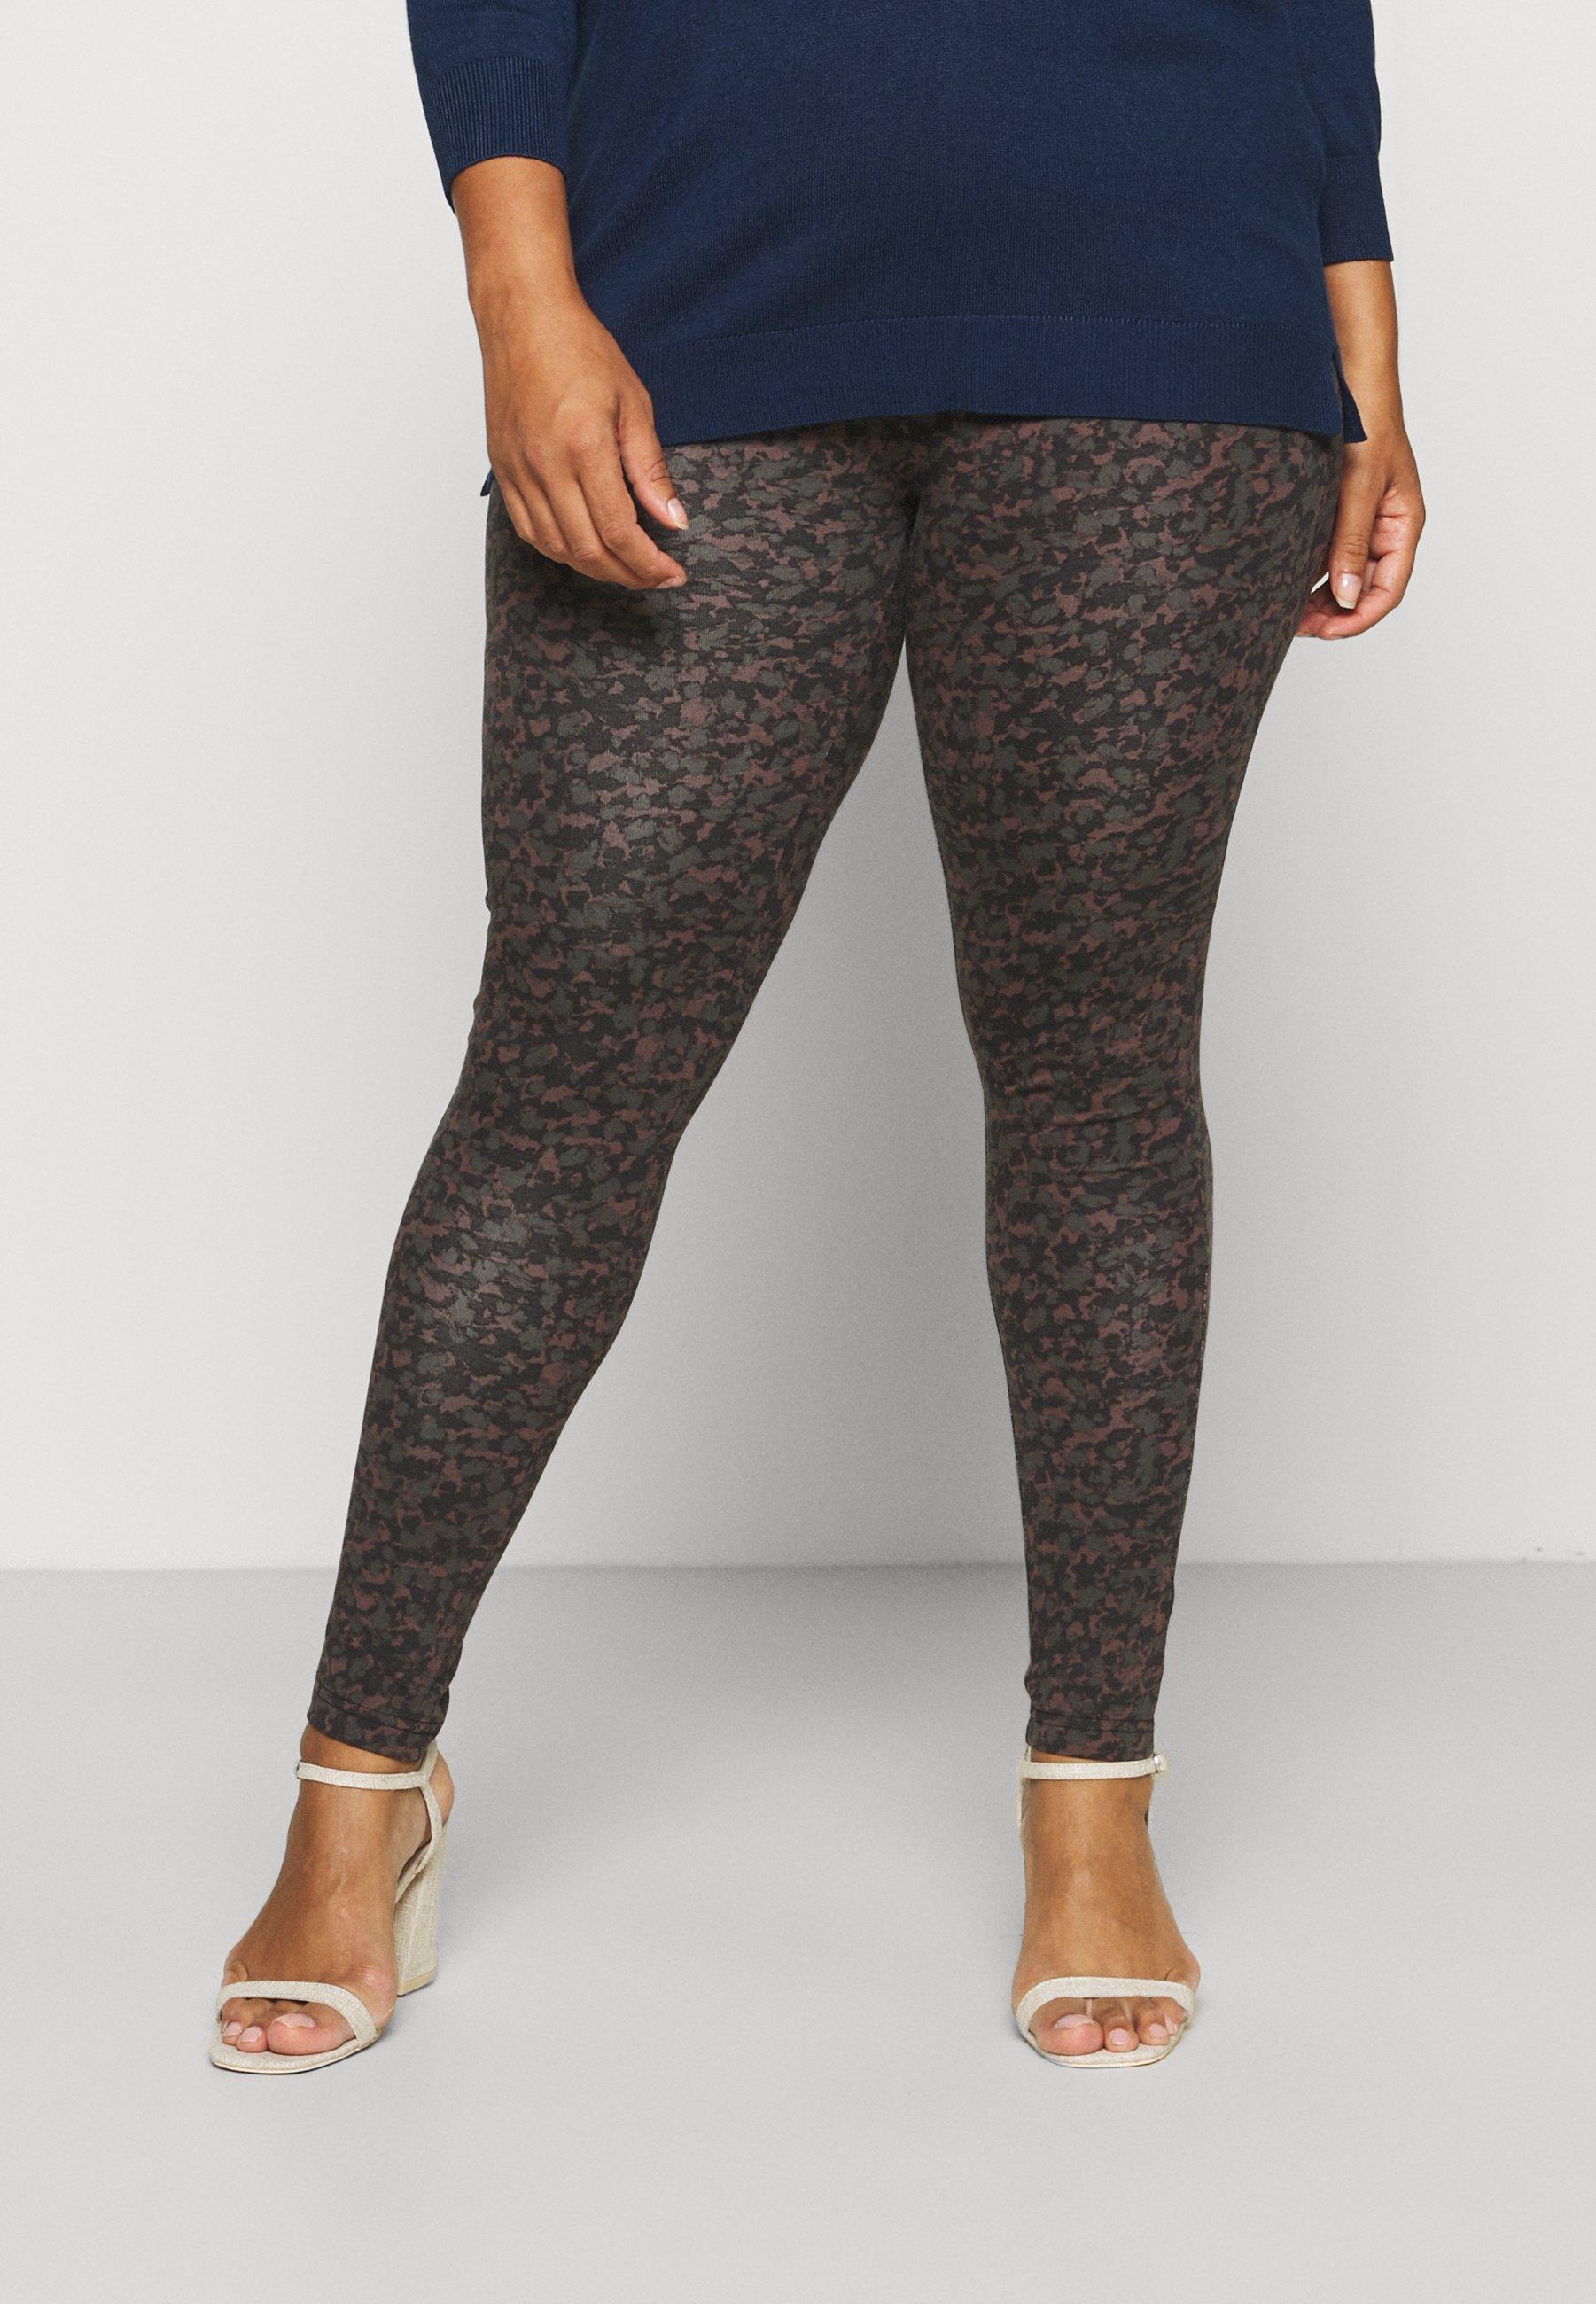 Damen HIGH WAISTED - Leggings - Hosen